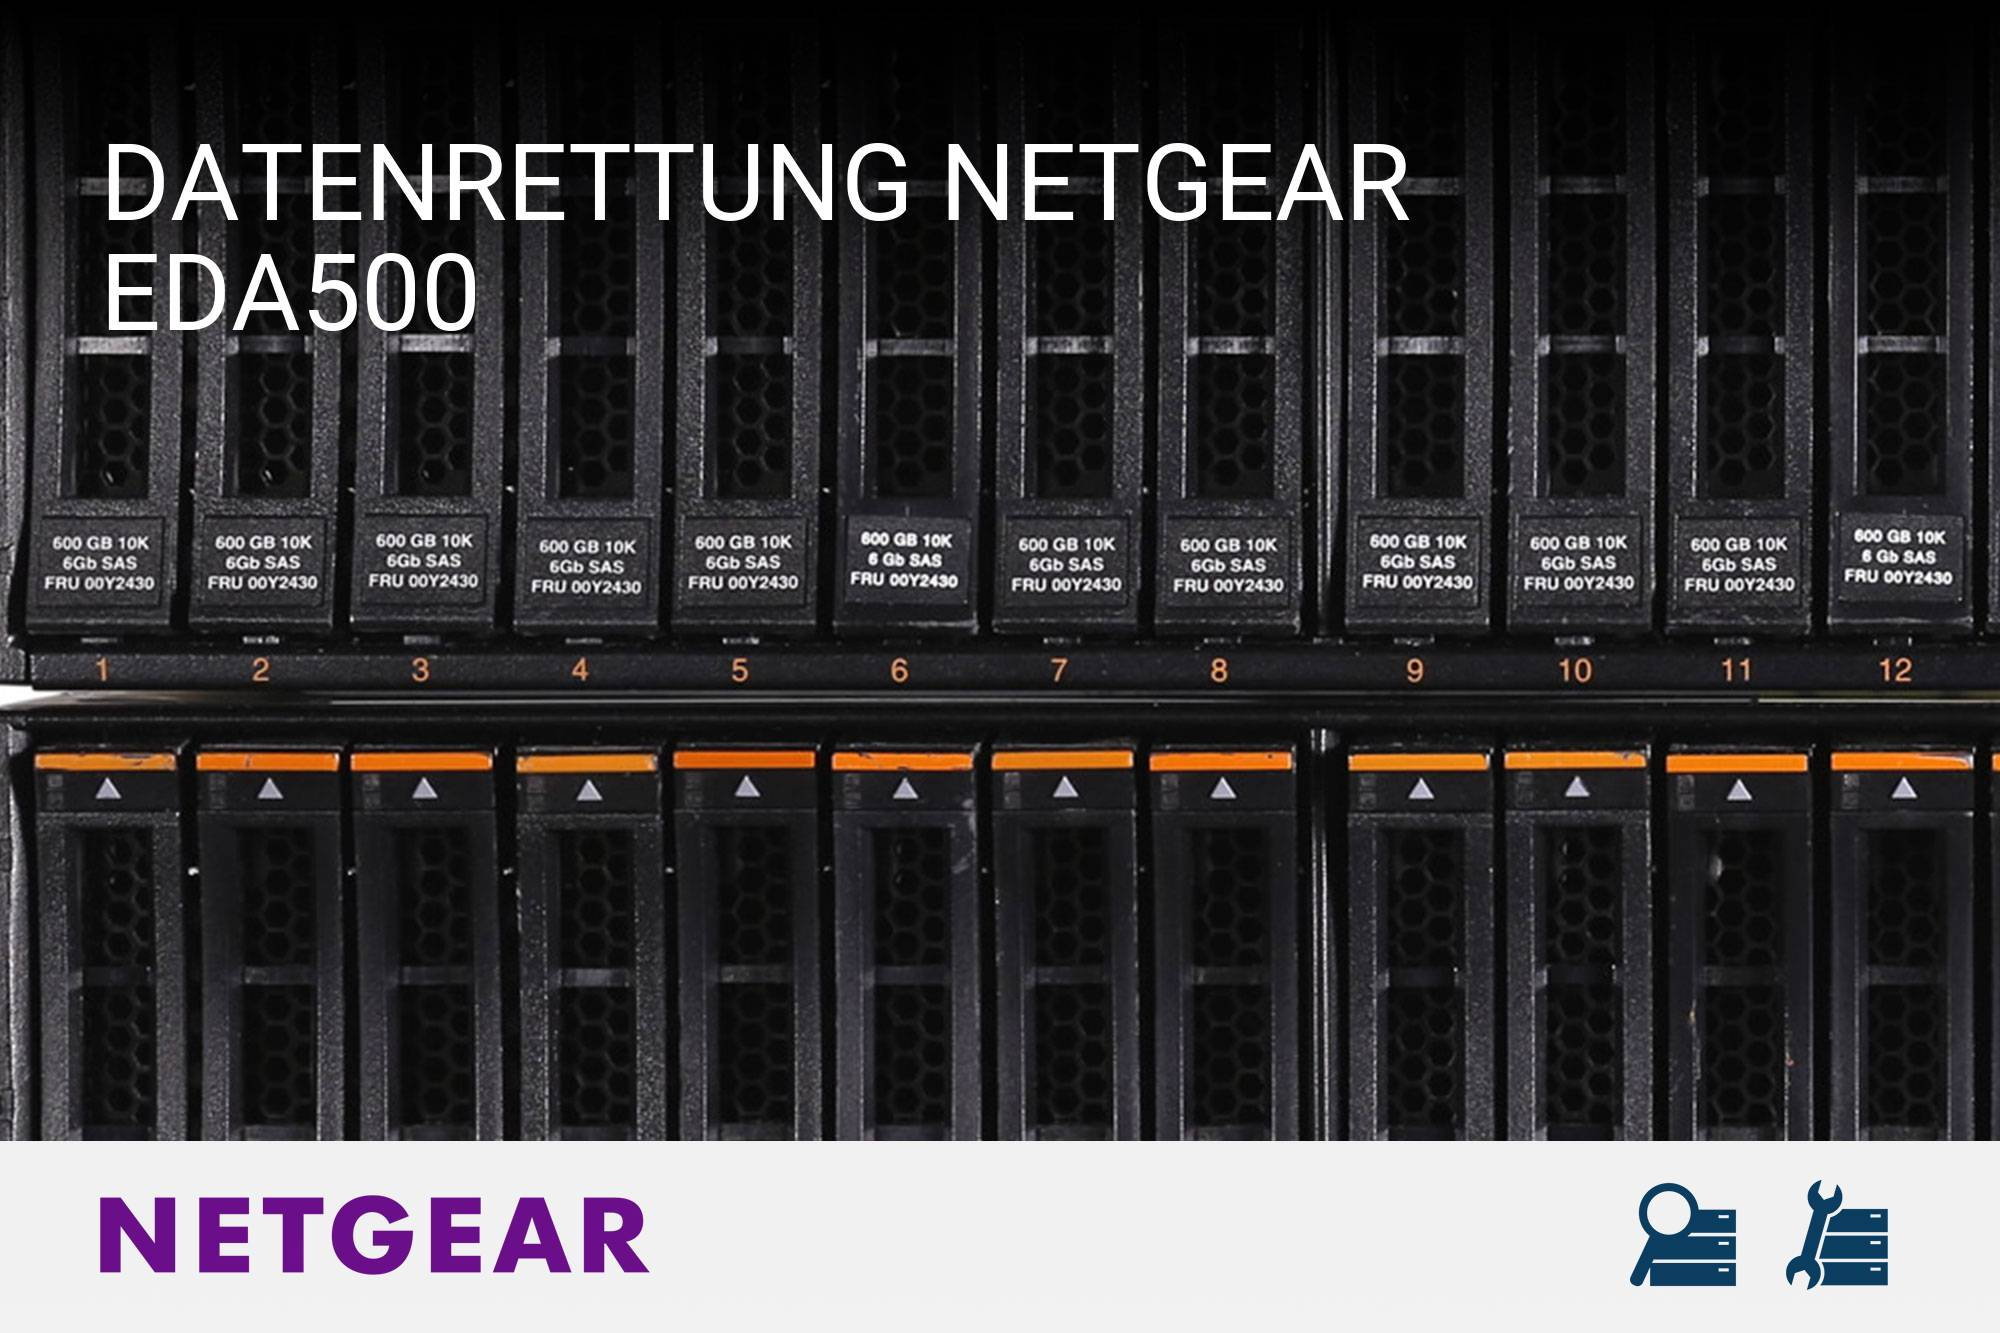 Netgear EDA500